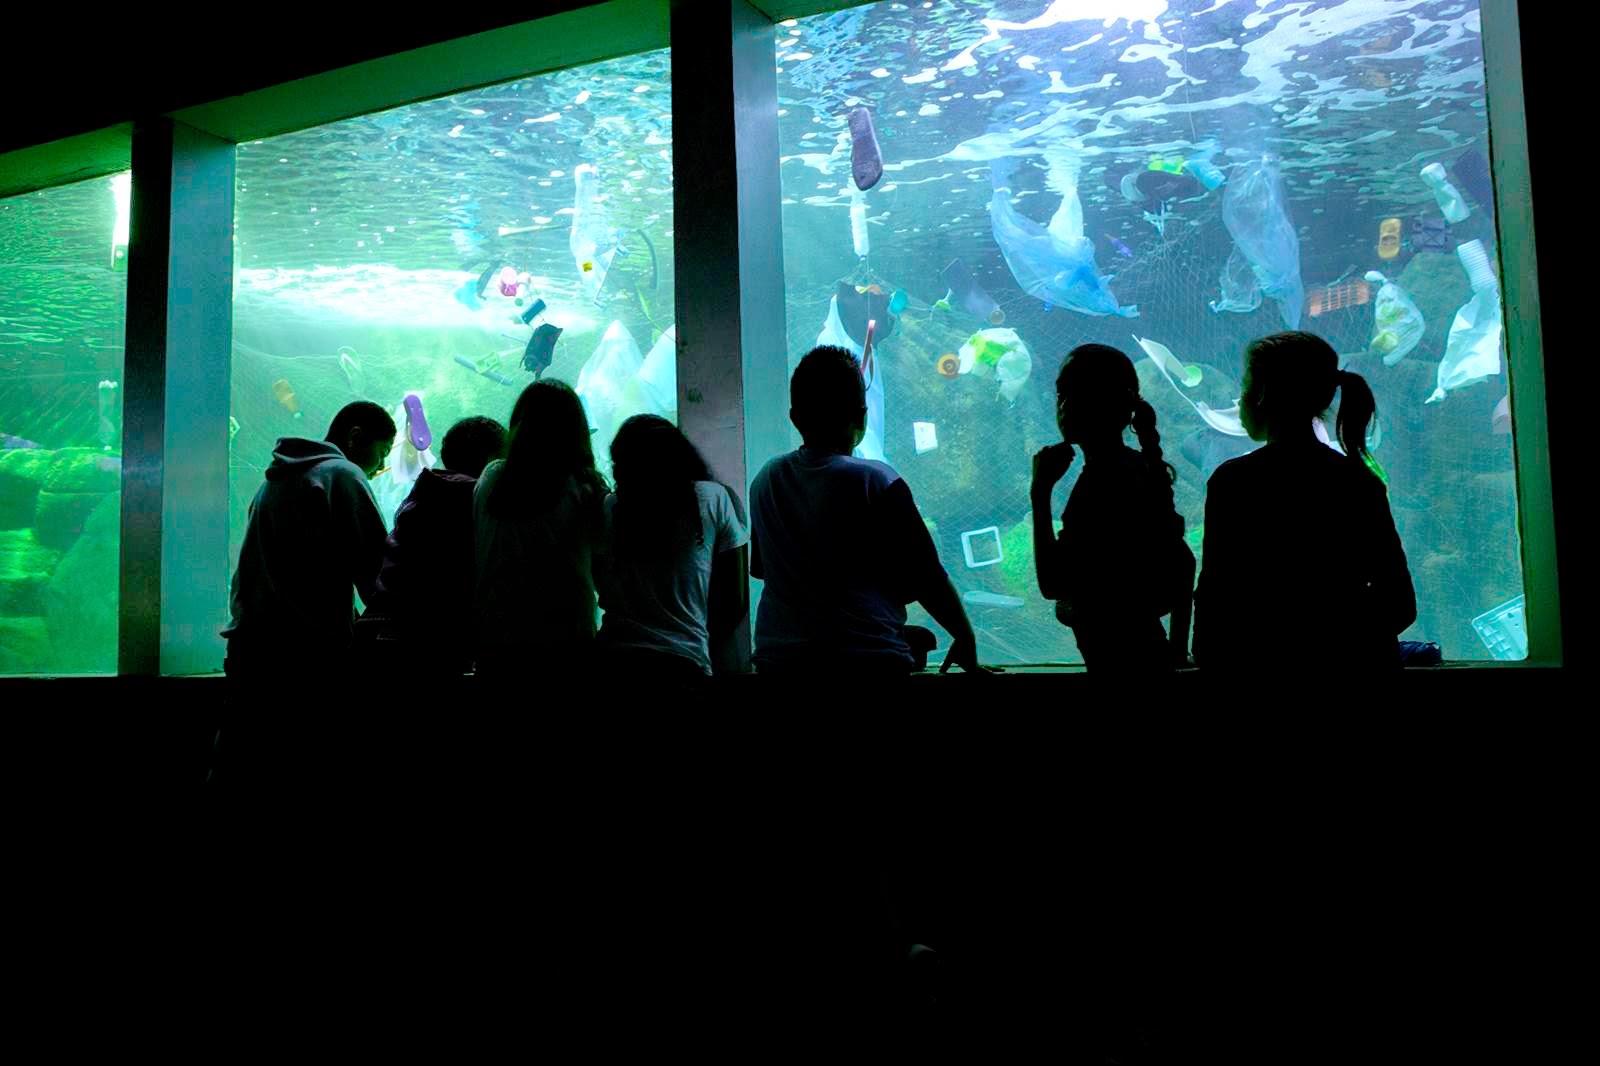 O objetivo da exposição é sensibilizar o visitante e incentivar a prática de hábitos sustentáveis no dia a dia